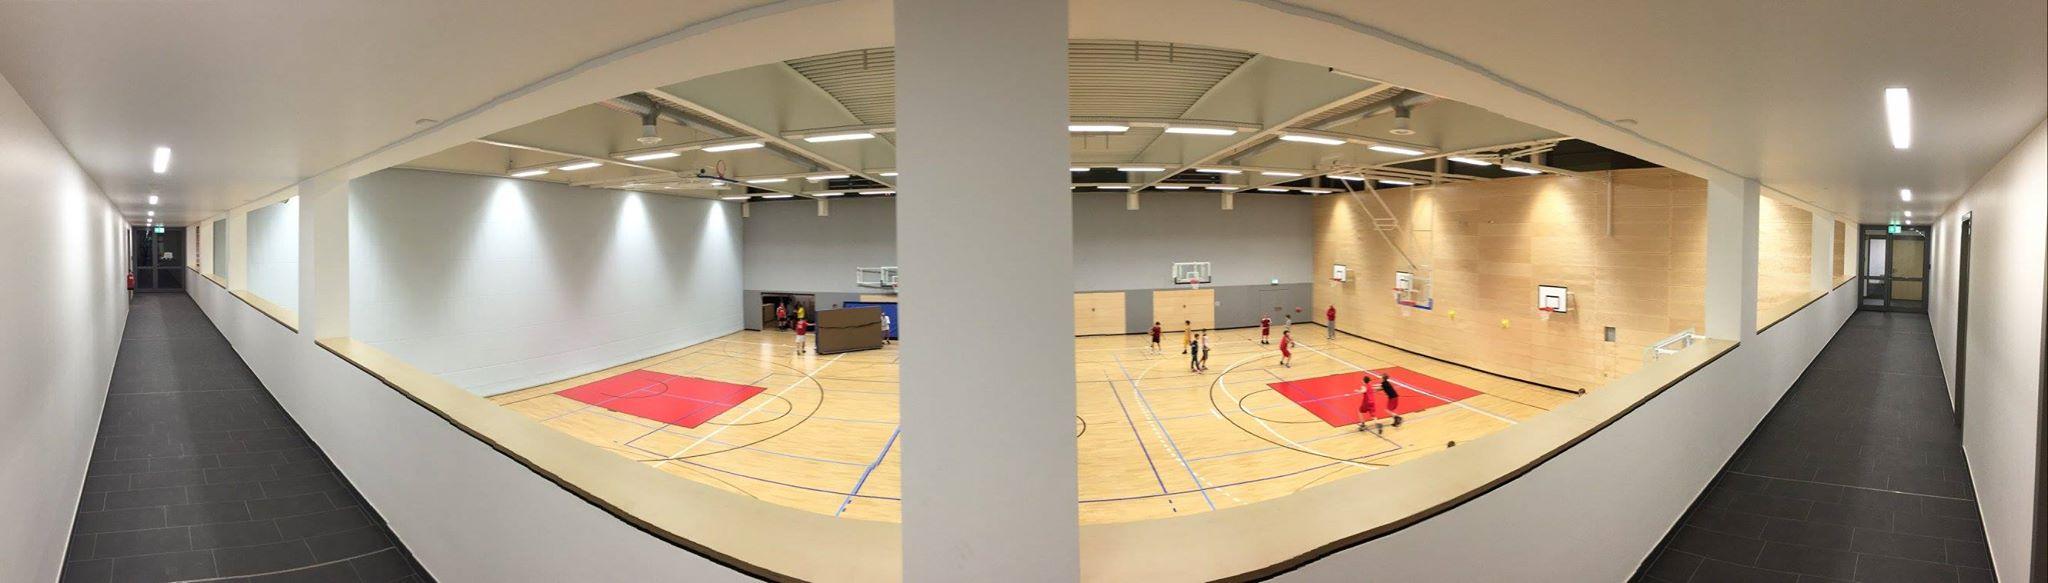 An diesem Wochenende werden erstmals Spiele in der neuen Sporthalle des Reismann-Gymnasiums ausgetragen. Weitere Informationen zu unseren Spielhallen gibt es hier.